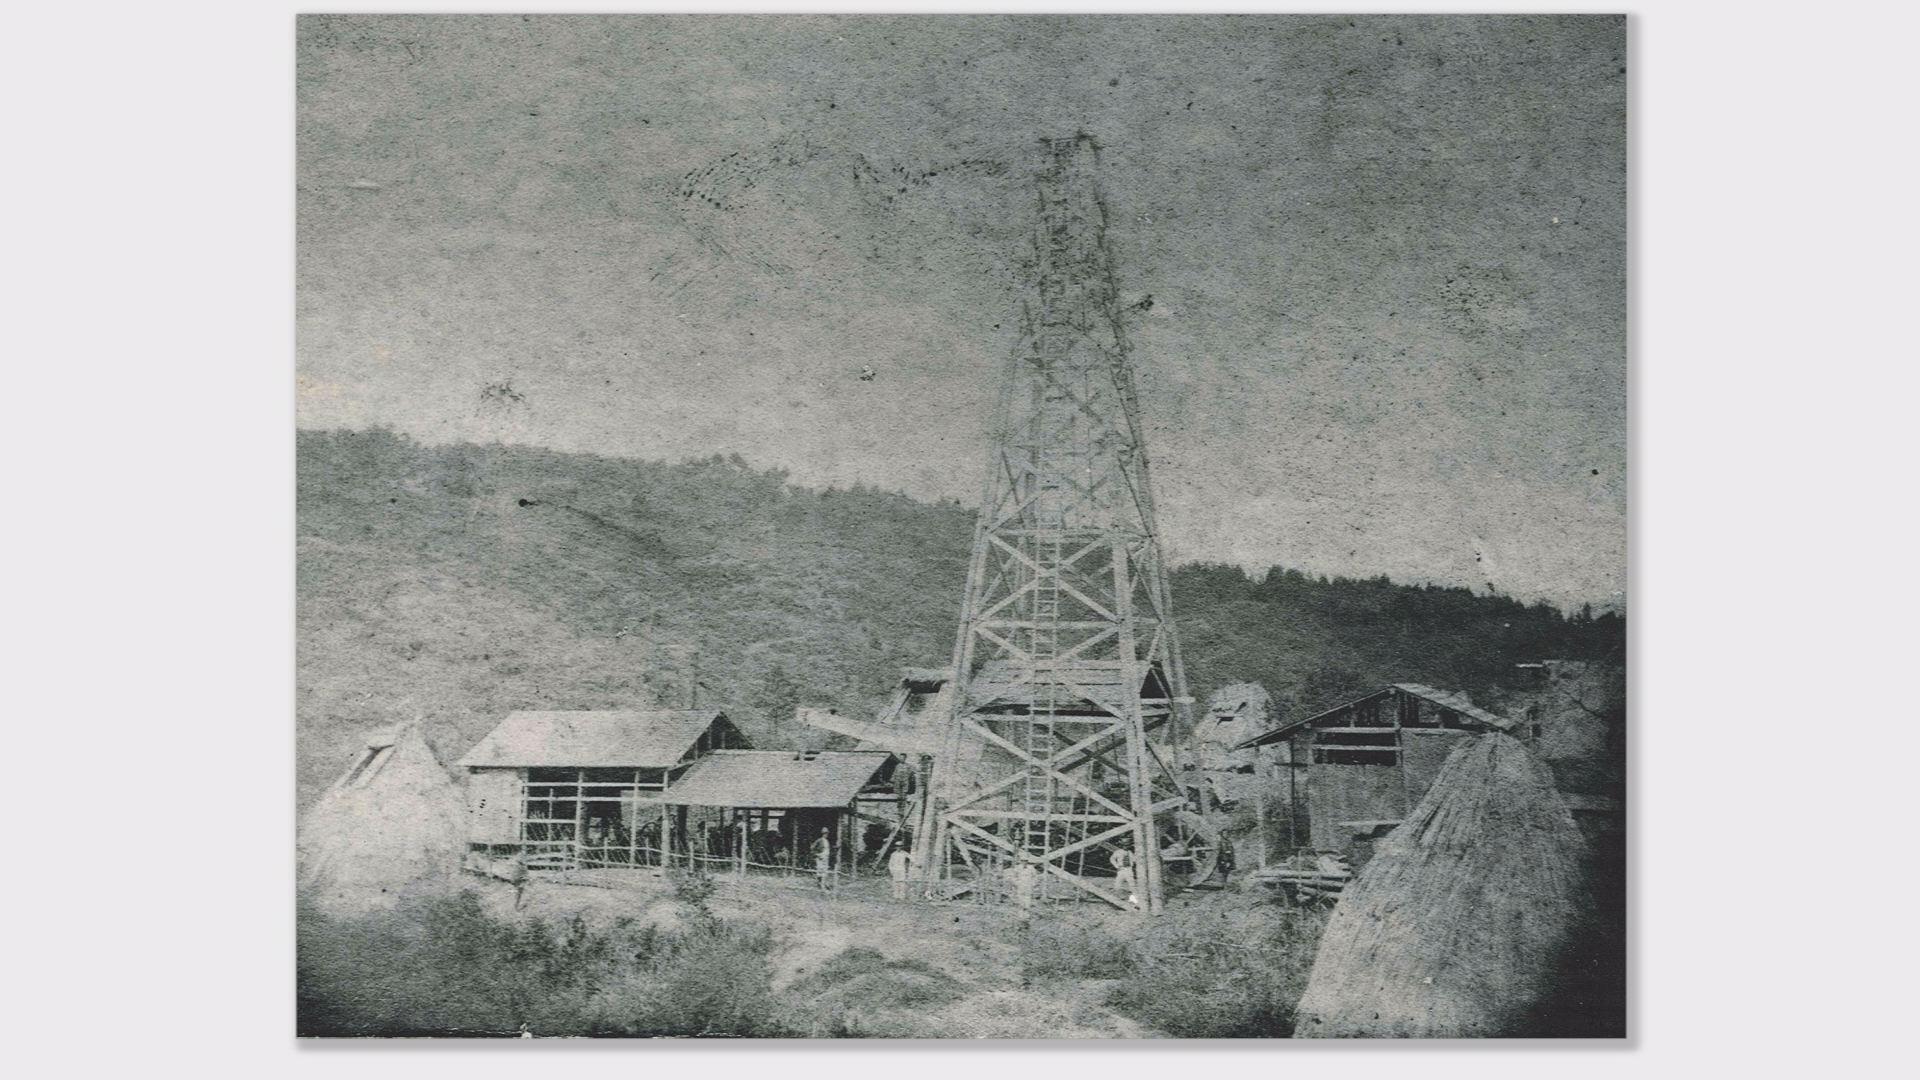 油田(明治初期の当時の写真)